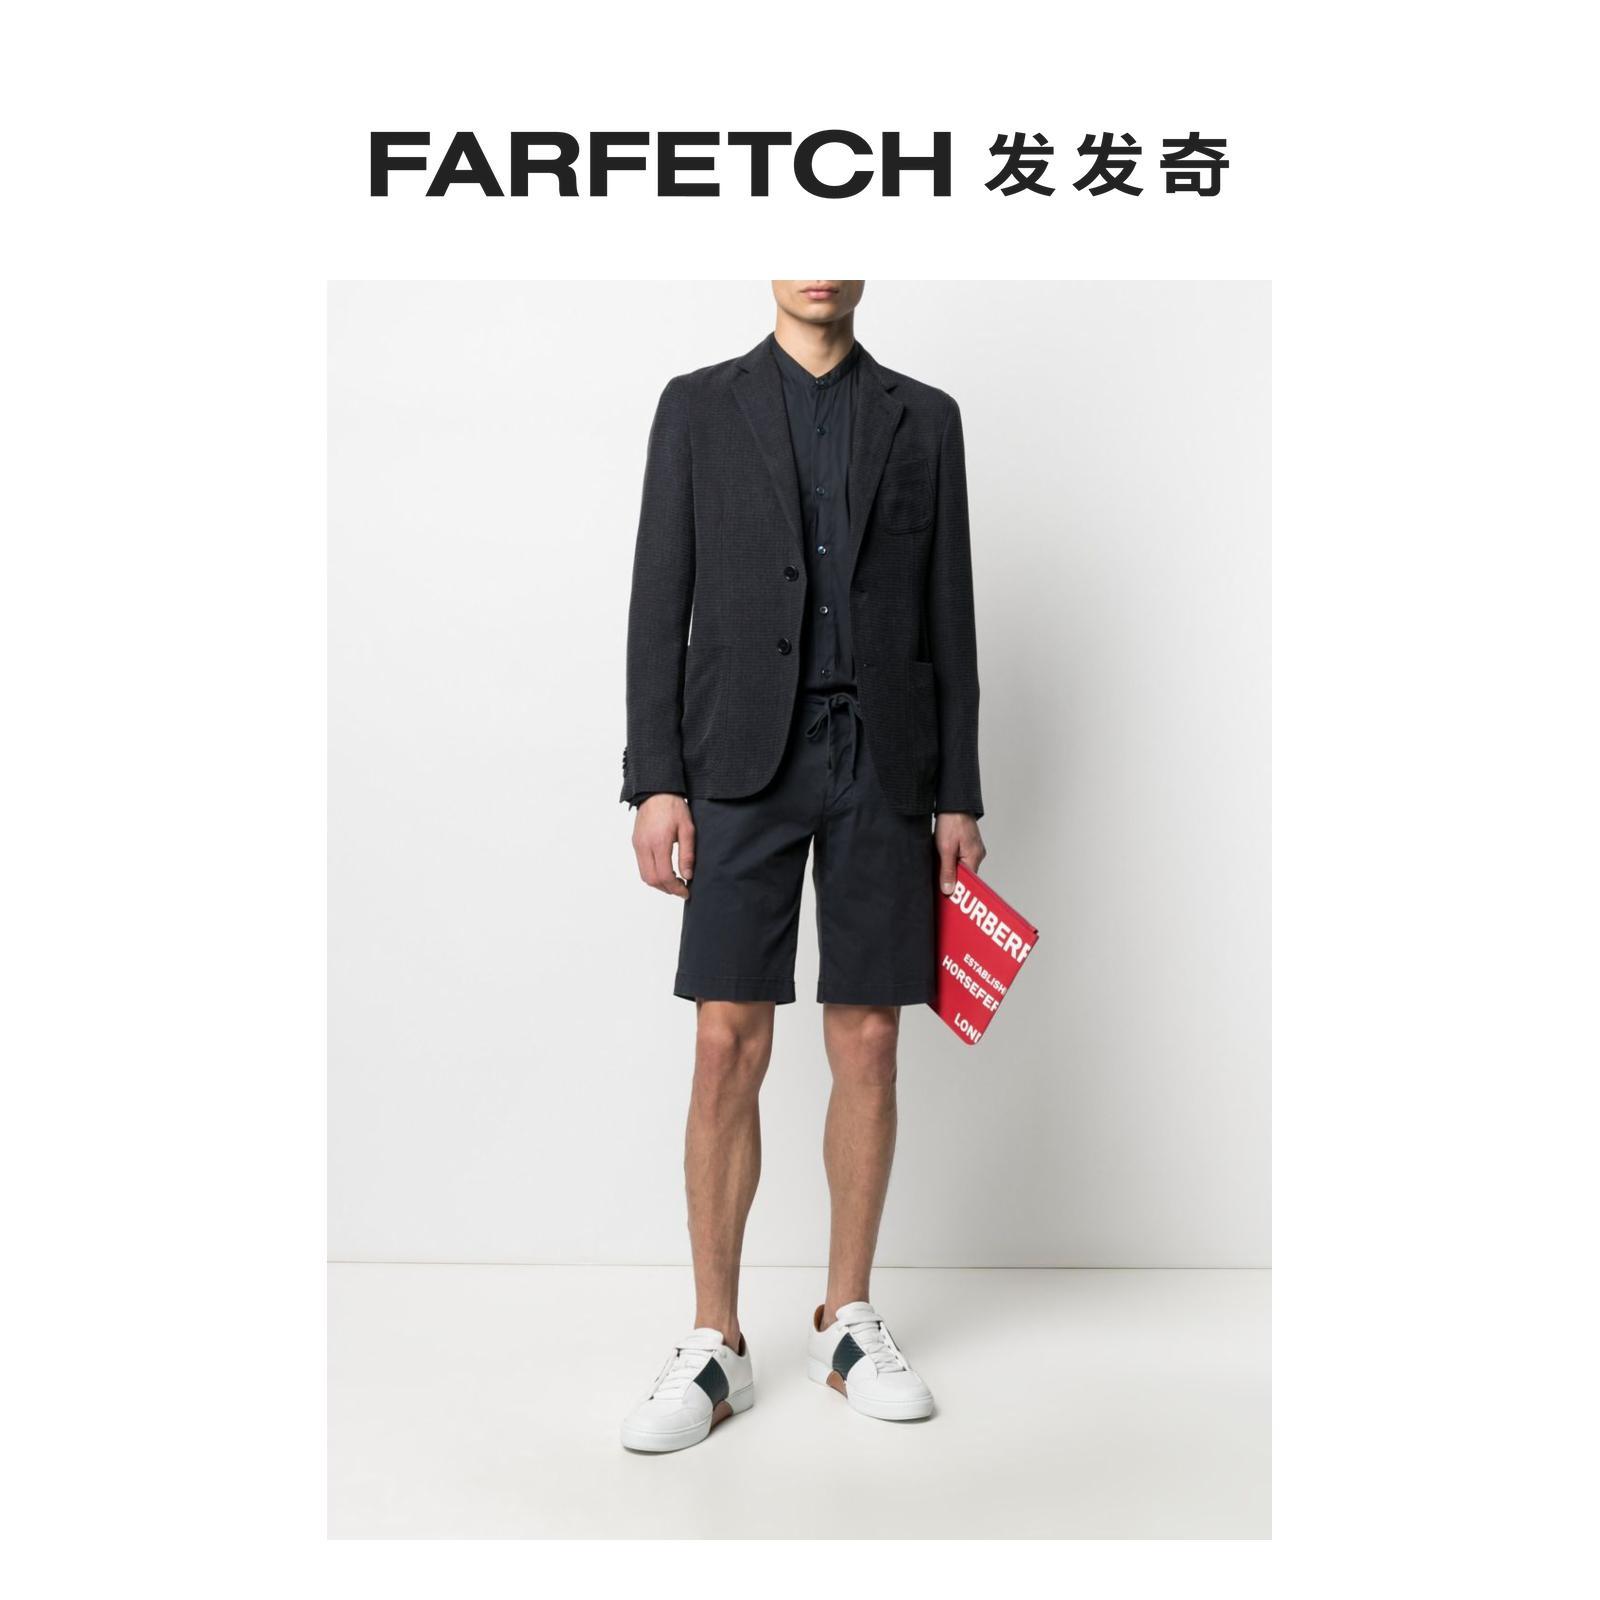 阿玛尼男士西装 Giorgio Armani阿玛尼男士图案单排扣西装夹克FARFETCH发发奇_推荐淘宝好看的阿玛尼男西装